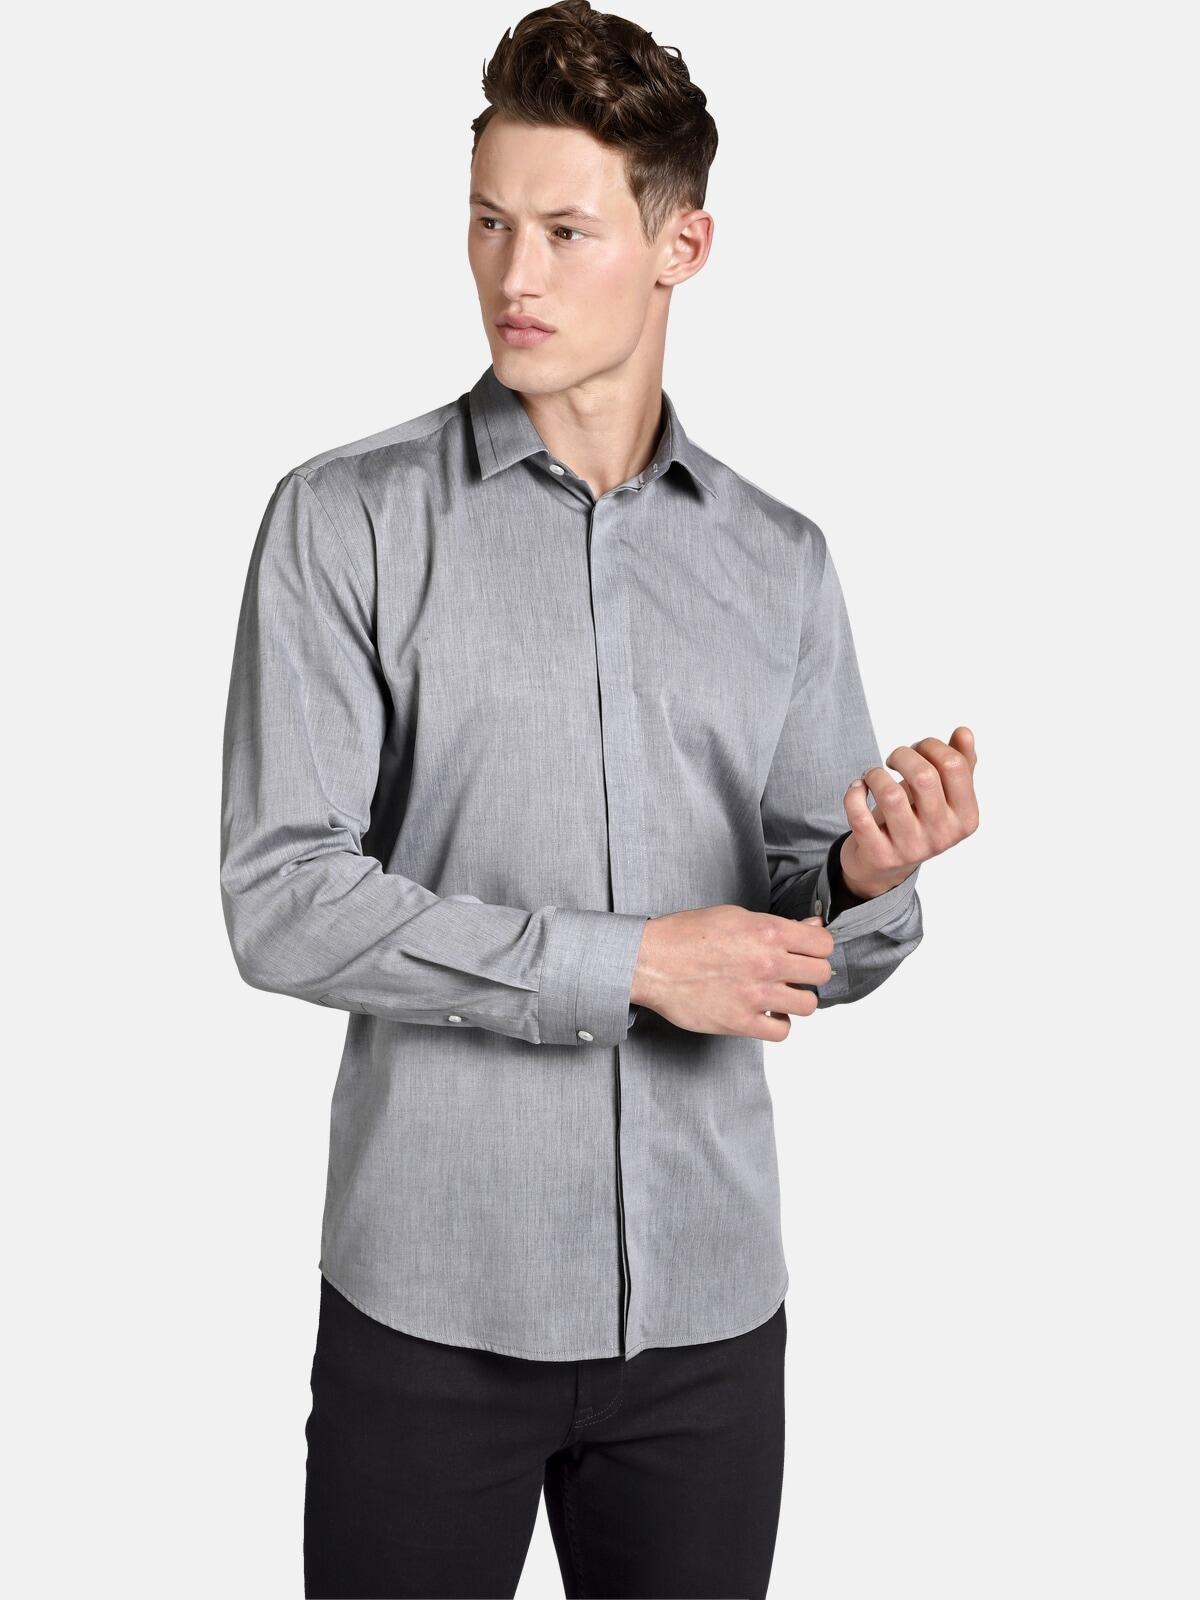 SHIRTMASTER Langarmhemd greyshades | Bekleidung > Shirts > Langarm Shirts | Shirtmaster